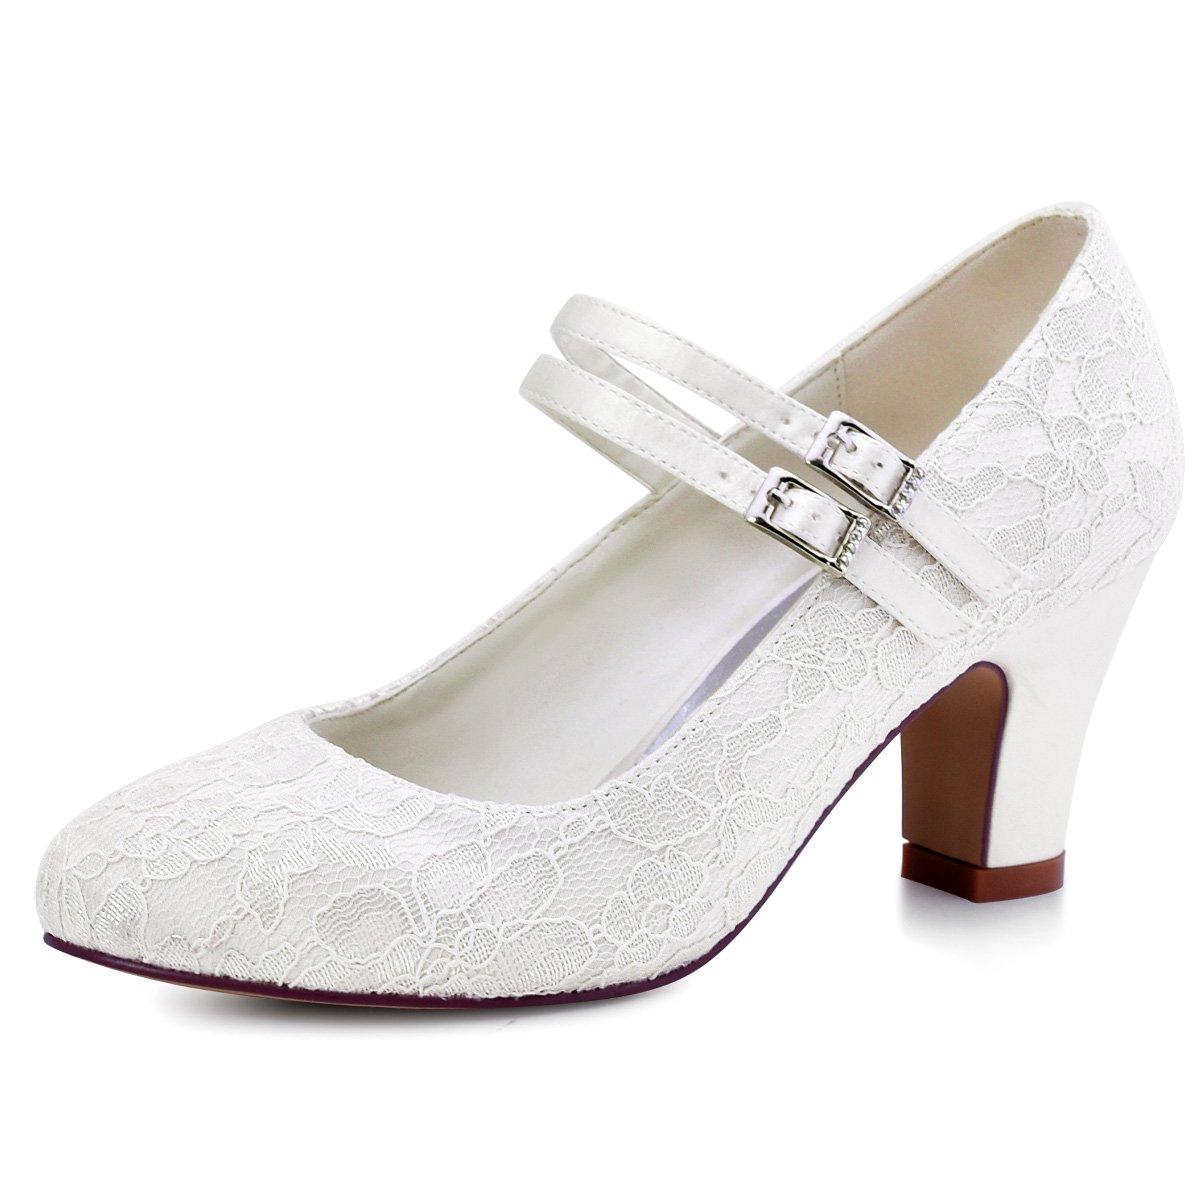 ElegantPark HC1708 Women Mary Jane Block Heel Pumps Closed Toe Lace Bridal Wedding Shoes Ivory US 10